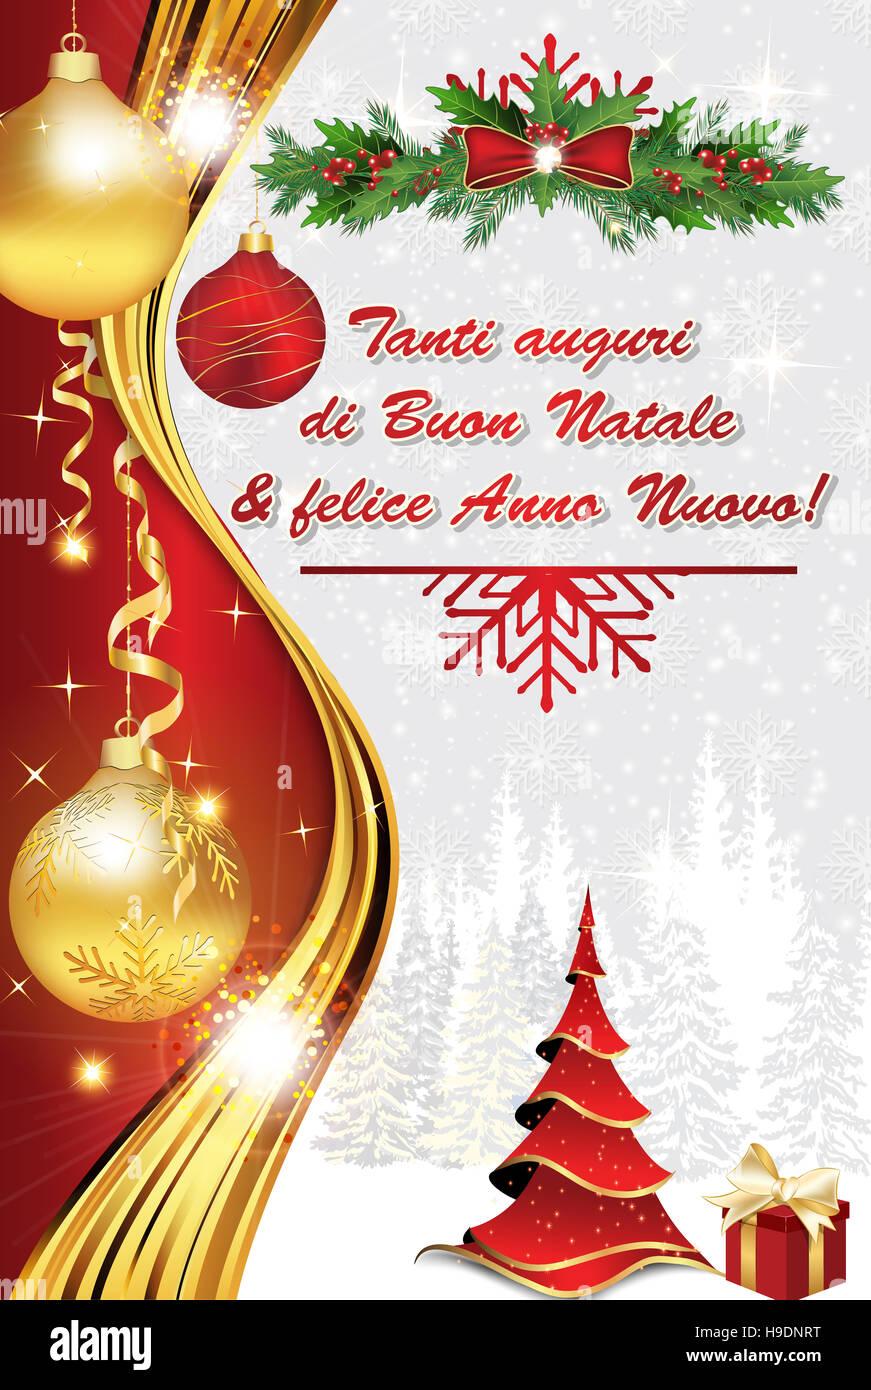 Tanti Auguri Di Natale.Tanti Auguri Di Buon Natale Felice Anno Nuovo Biglietto Stock Photo Alamy